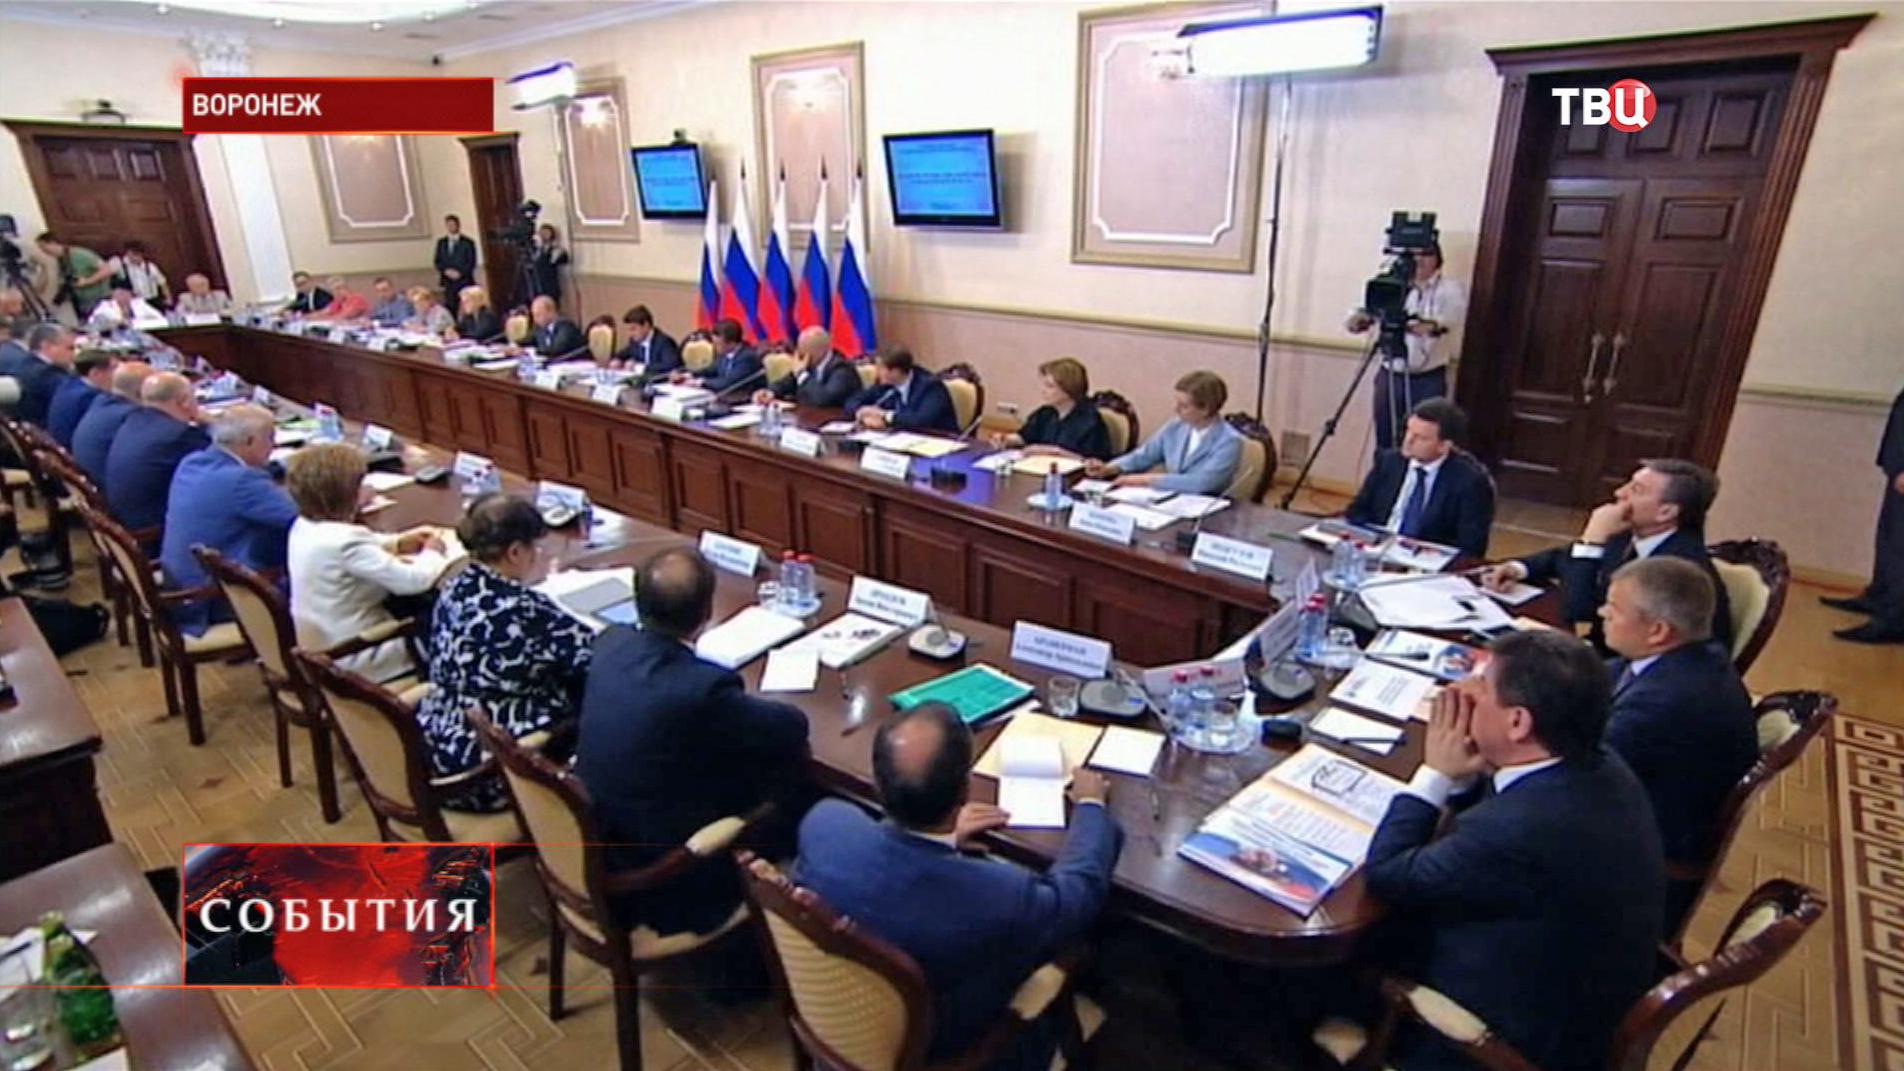 Заседание президиума Госсовета РФ в Воронеже